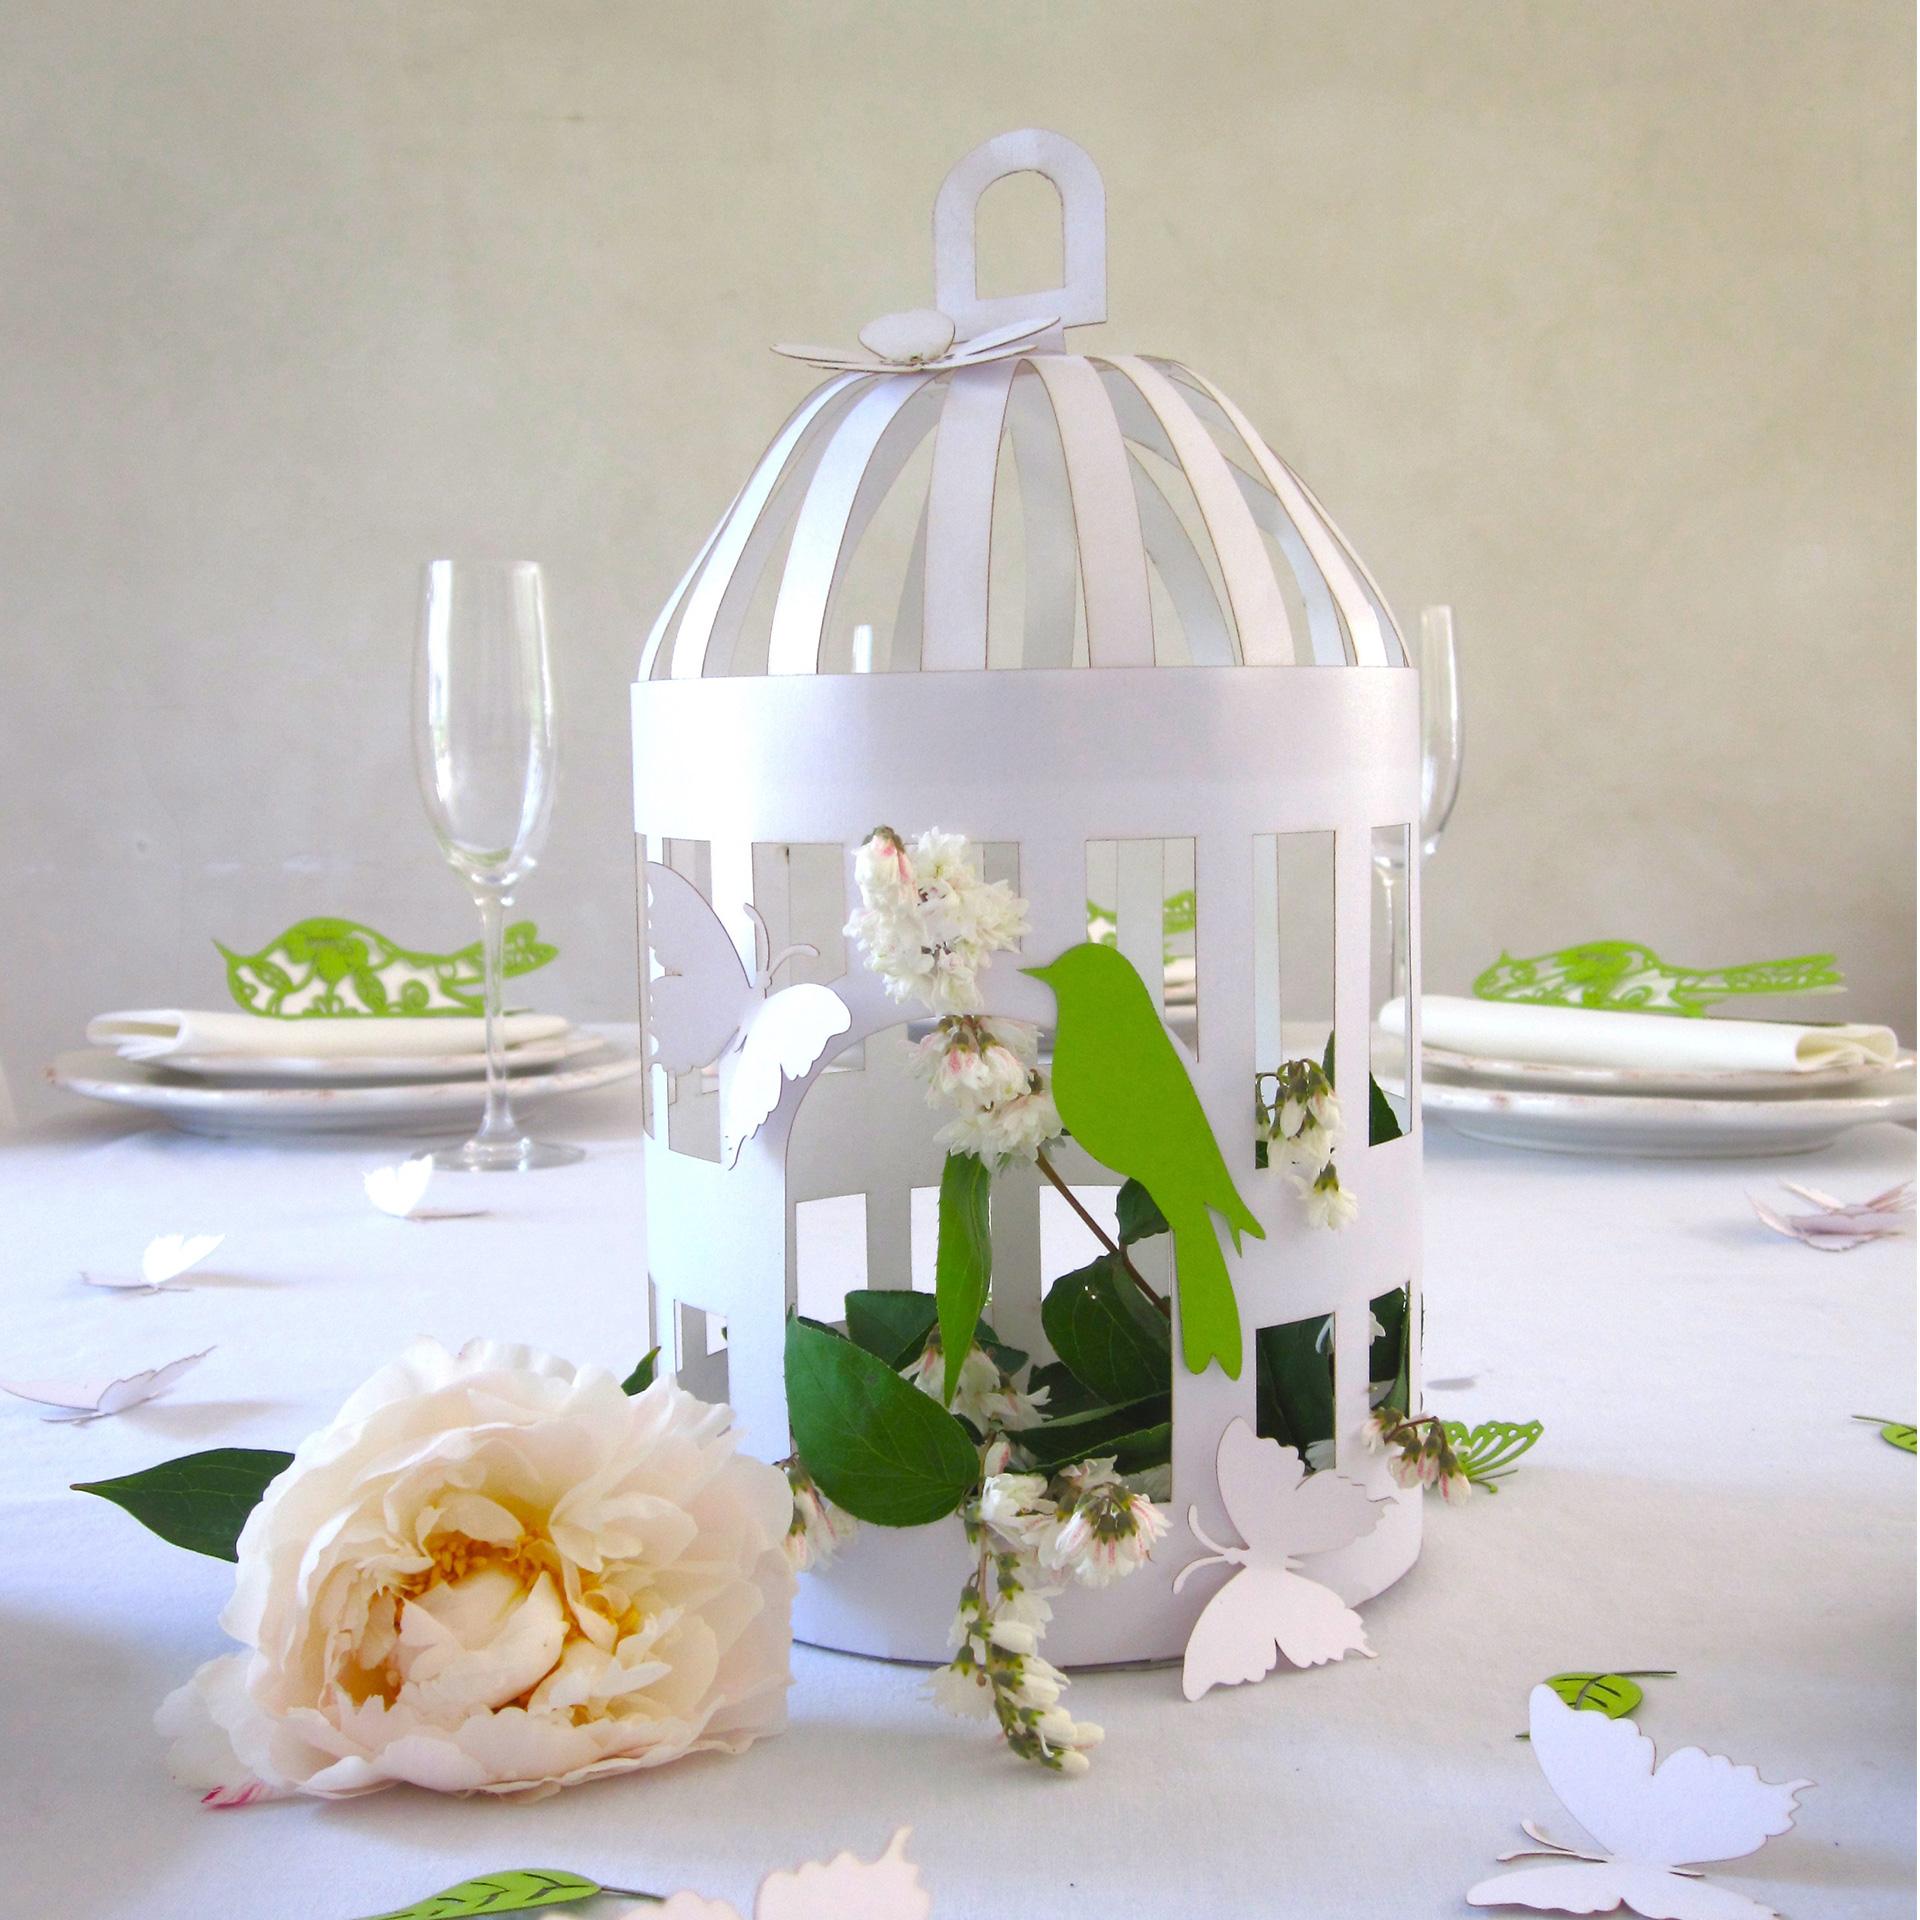 Tischdeko gro er vogelk fig tischdekoration goldene hochzeit aprikose tischdekoration - Tischdeko goldene hochzeit ...